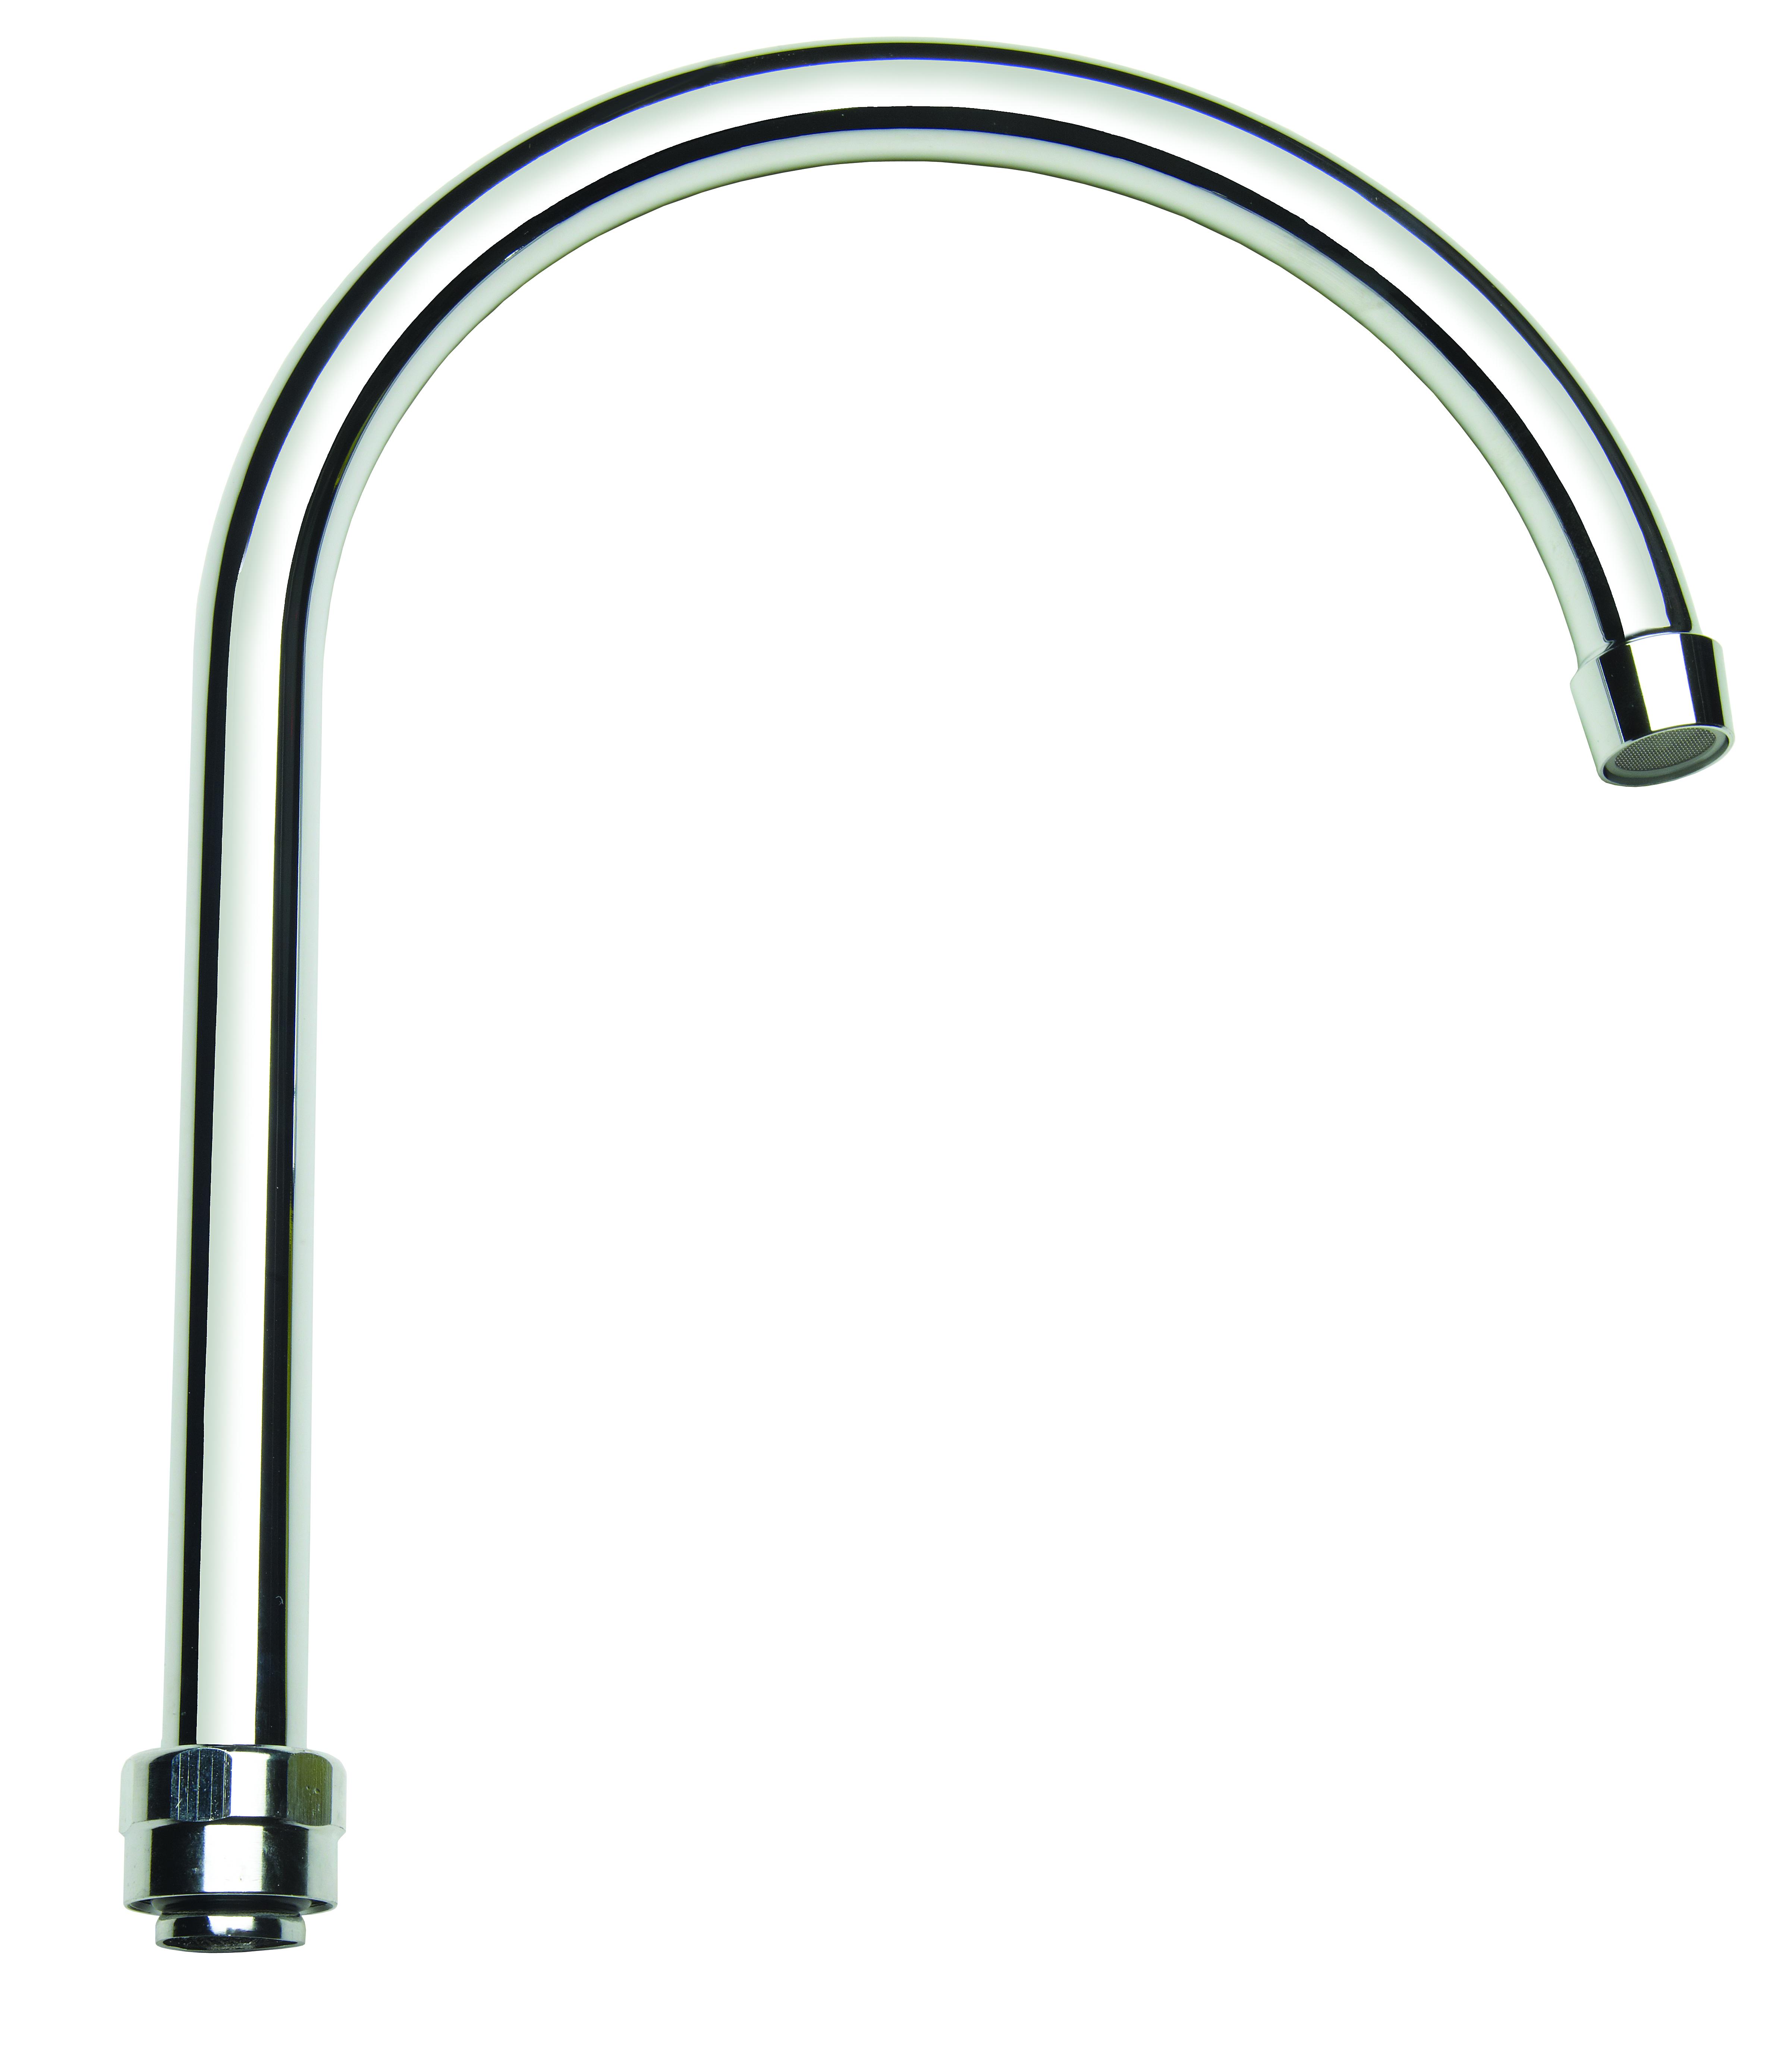 Krowne Metal 21-429L faucet, spout / nozzle